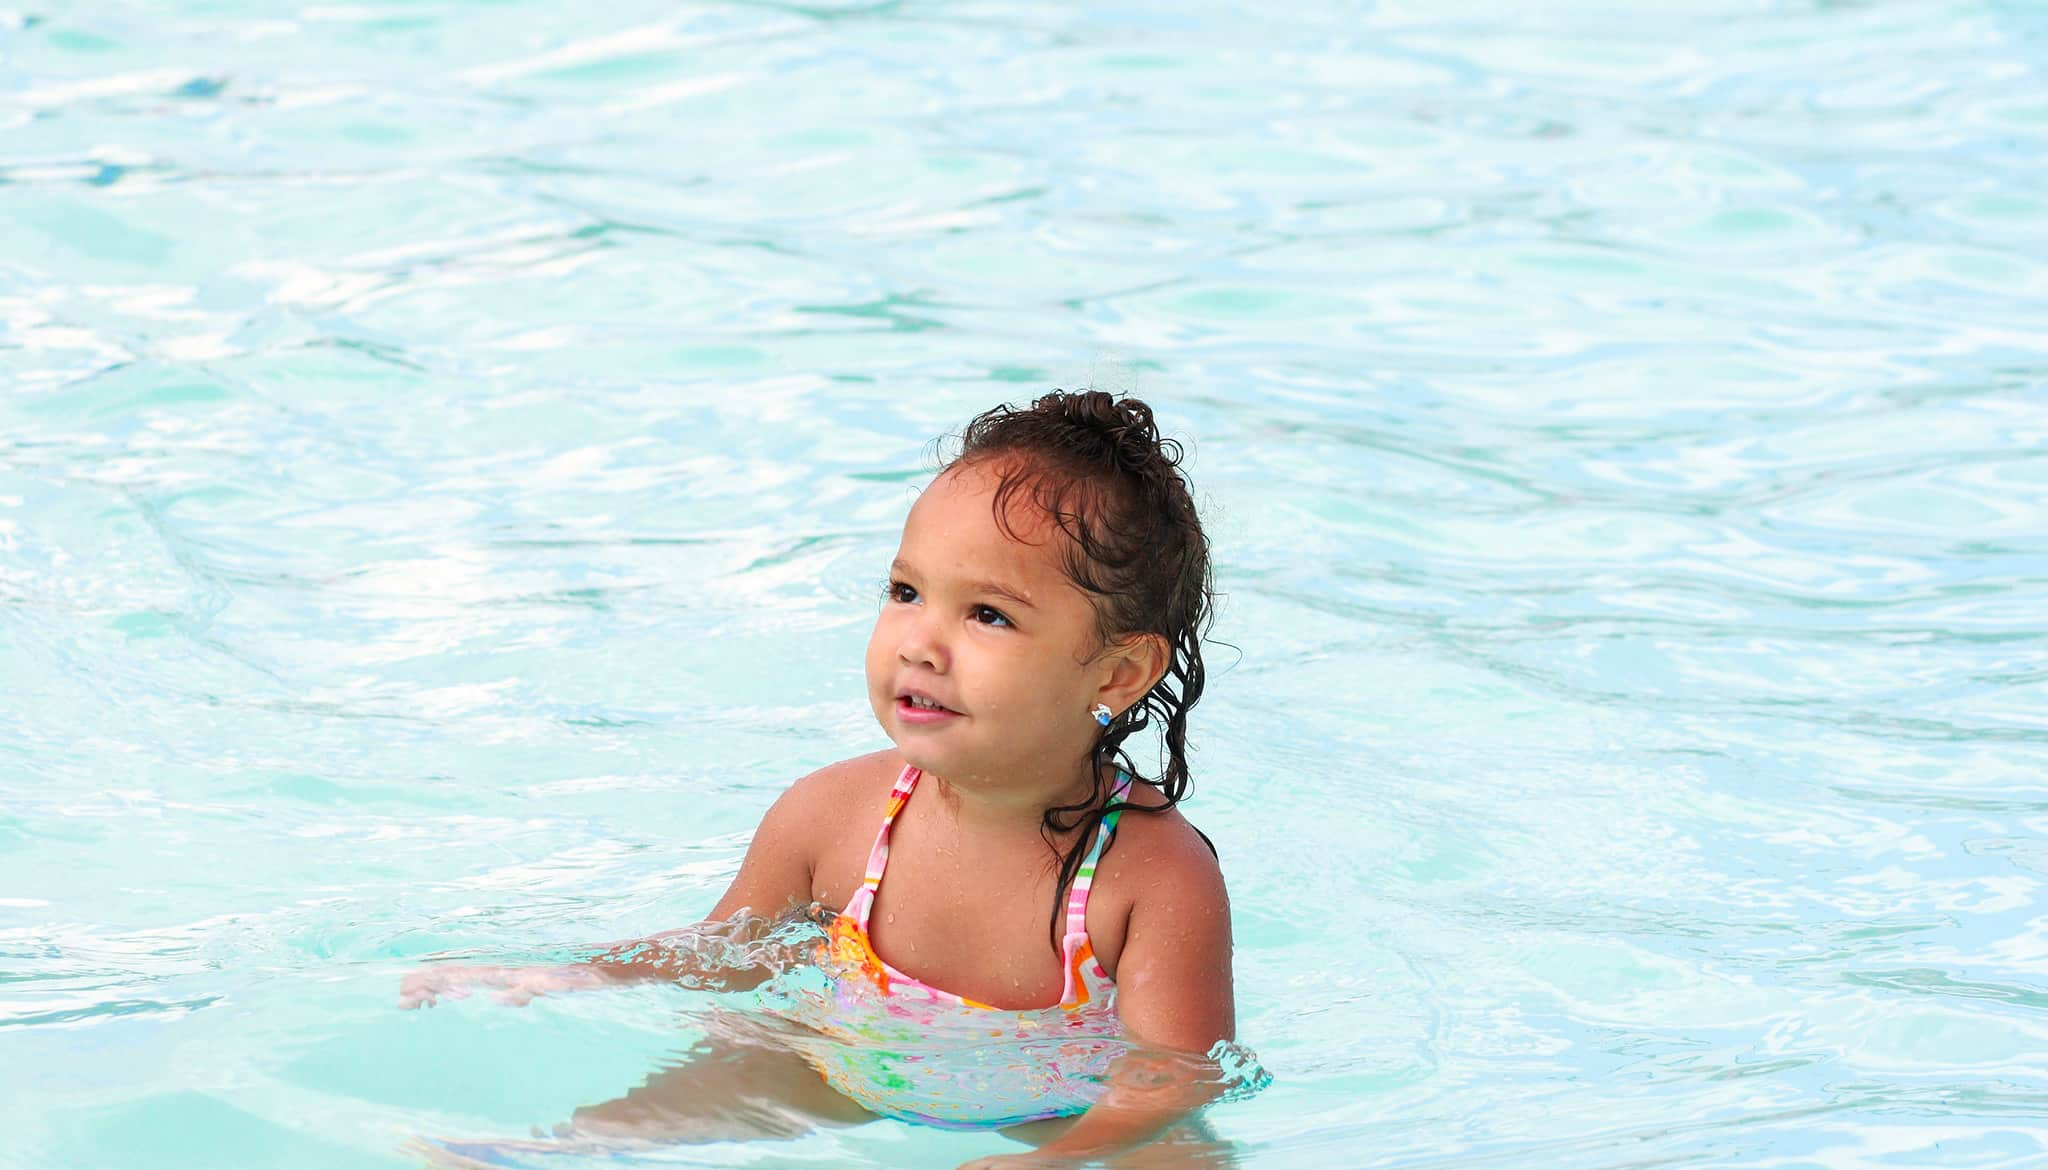 Toddler enjoying a swimming pool